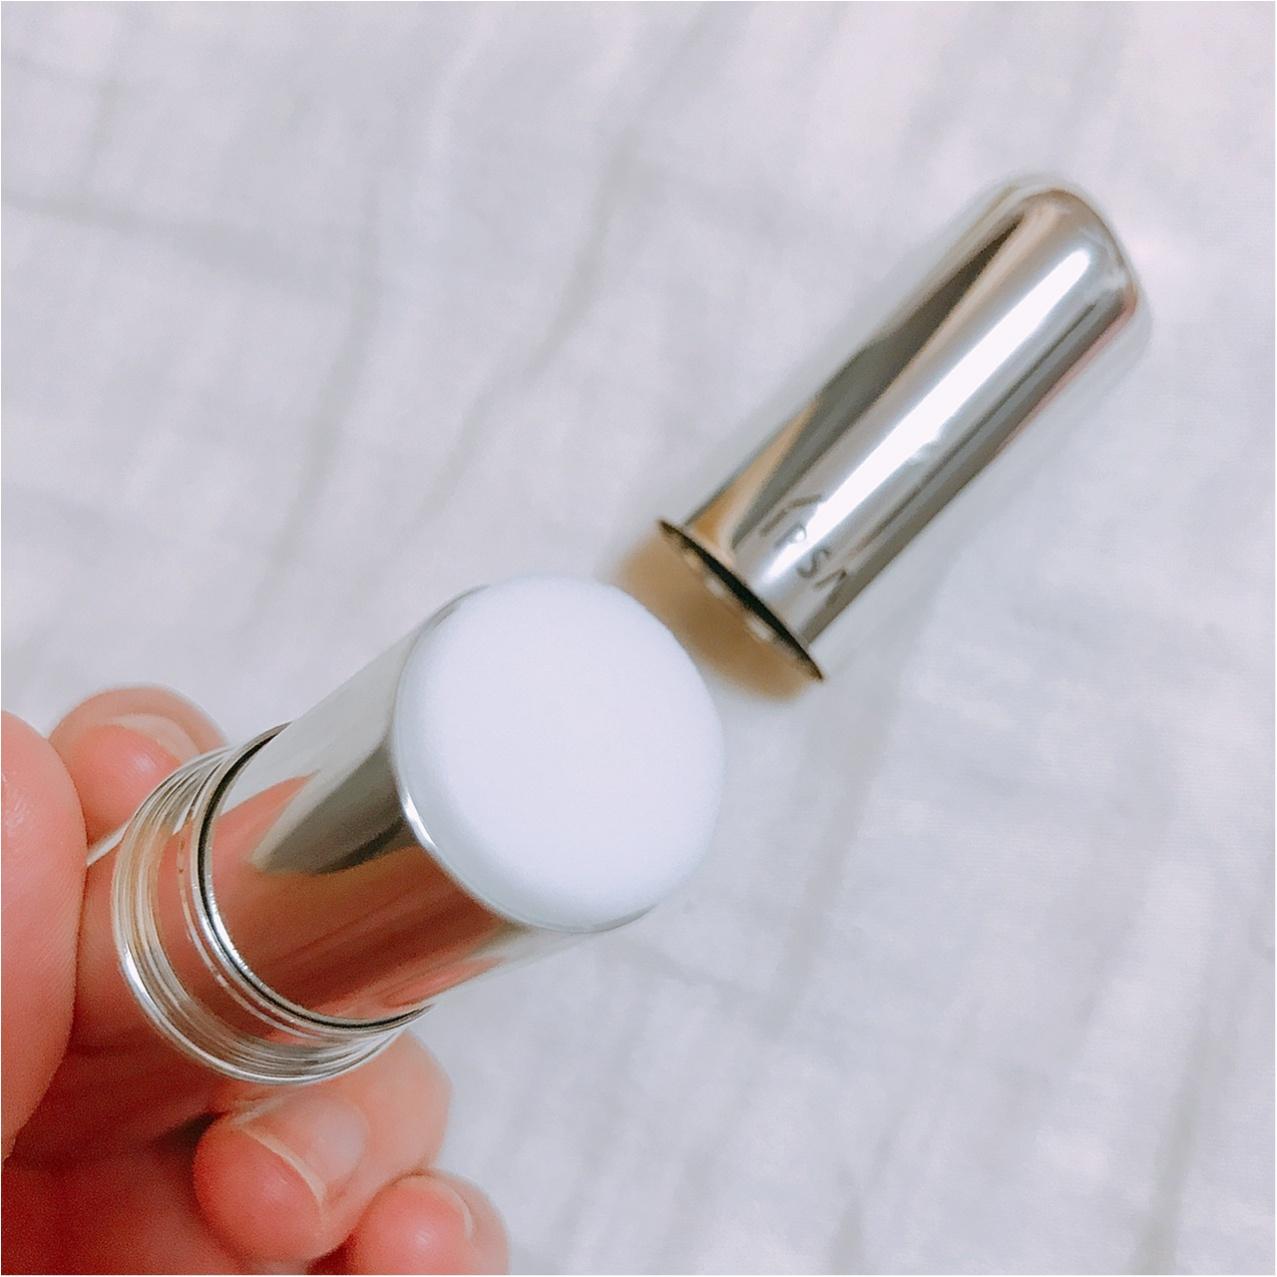 メイクの上から保湿できちゃう!IPSAの美容液スティックはこれからの季節のマストアイテム♡_3